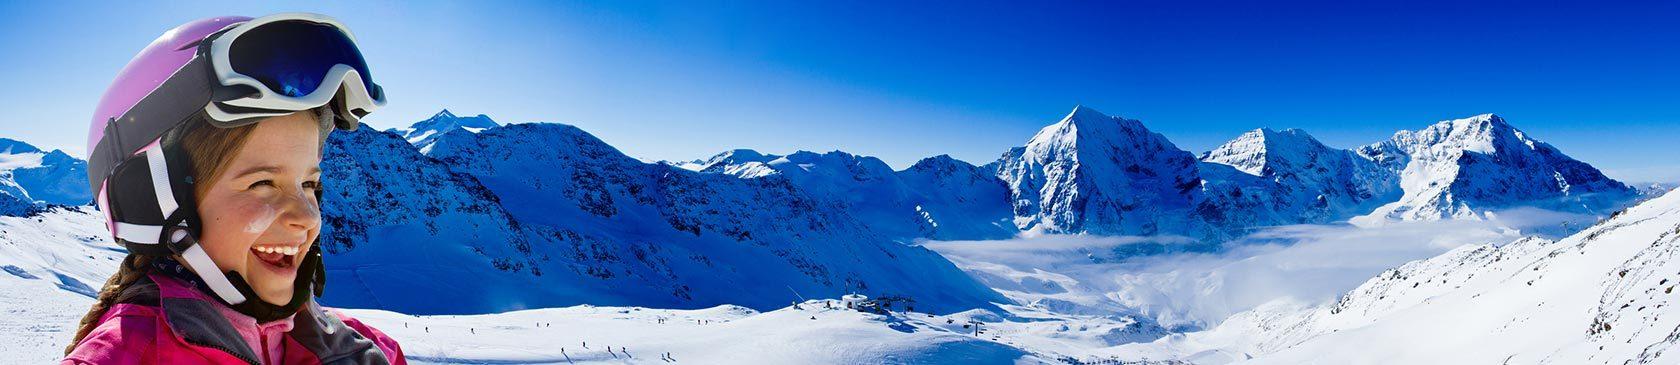 Escuela de esquí en Baqueira Beret